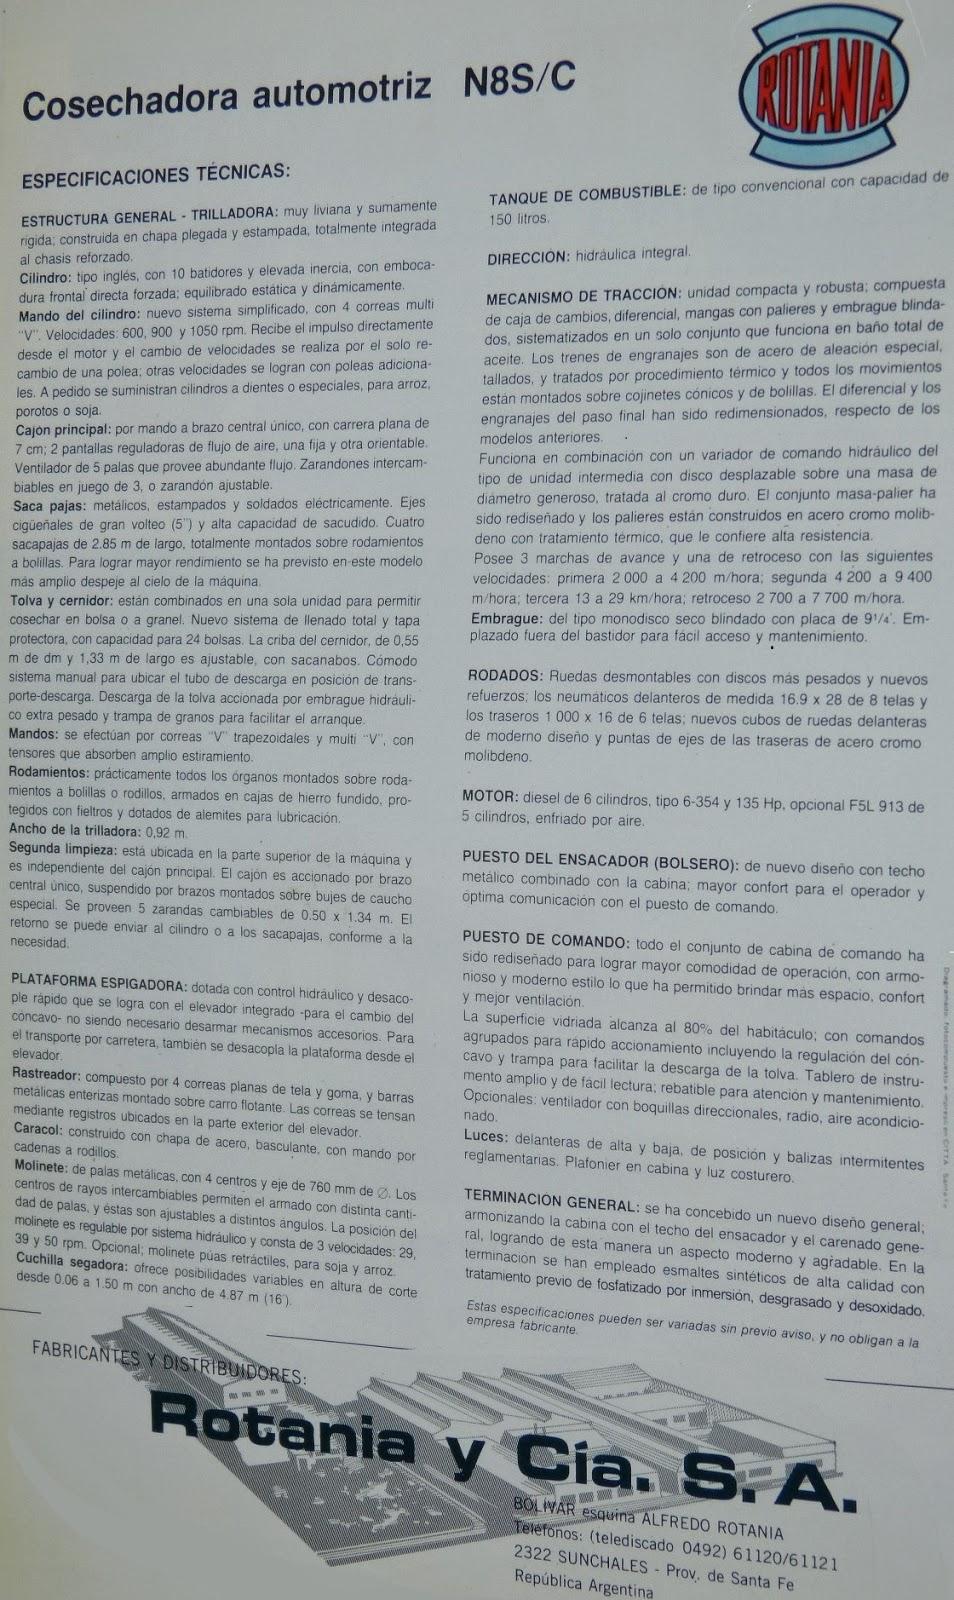 Pesados Argentinos: Rotania N8S/C